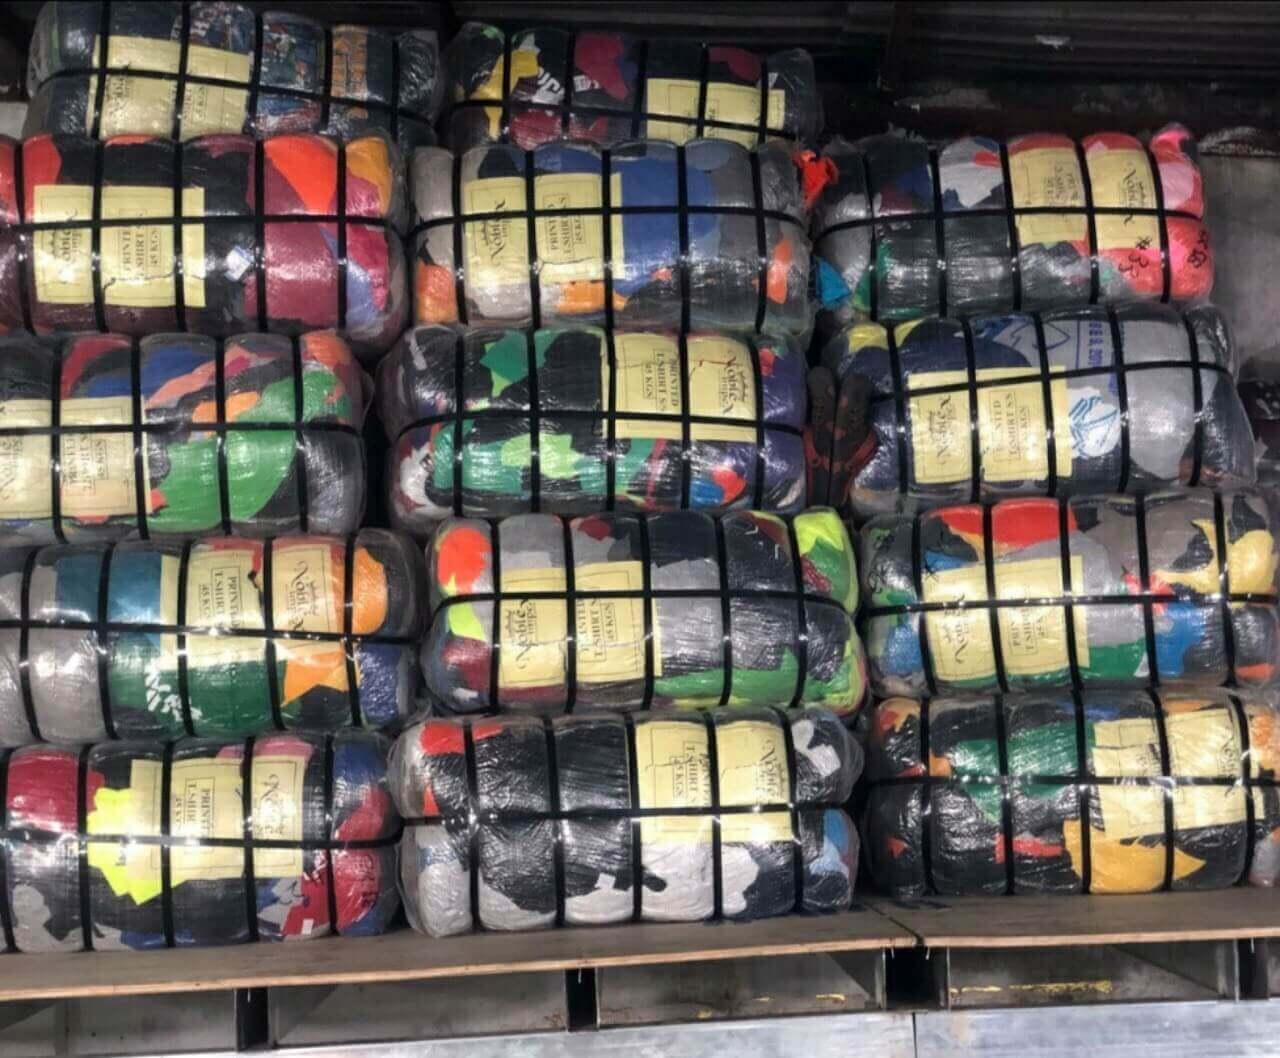 Chất lượng của áo len hàng thùng cực kì tốt, chất liệu mềm mại hơn